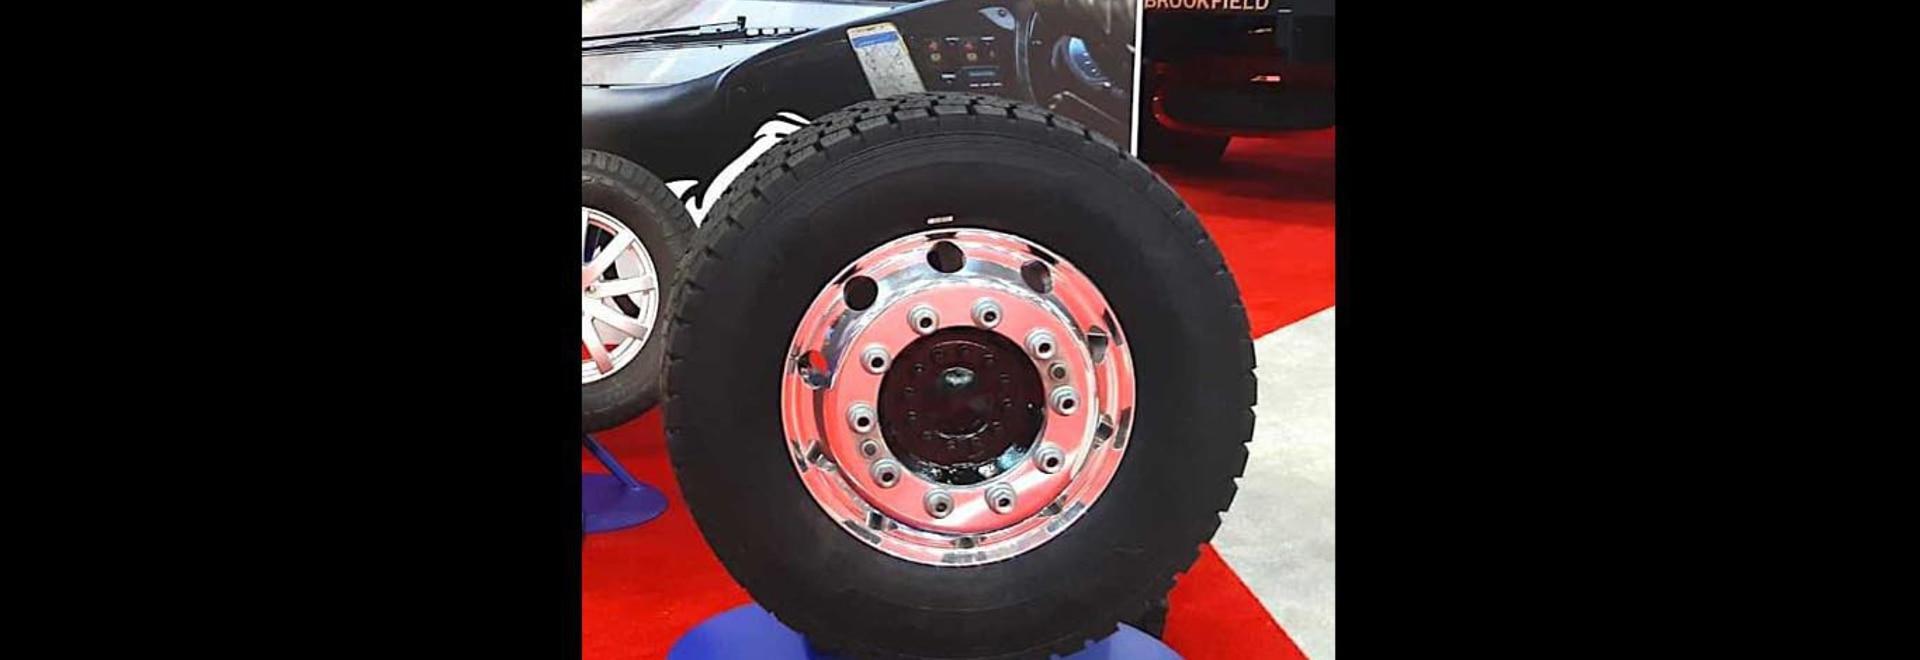 Michelin expands heavy-duty truck tyre range